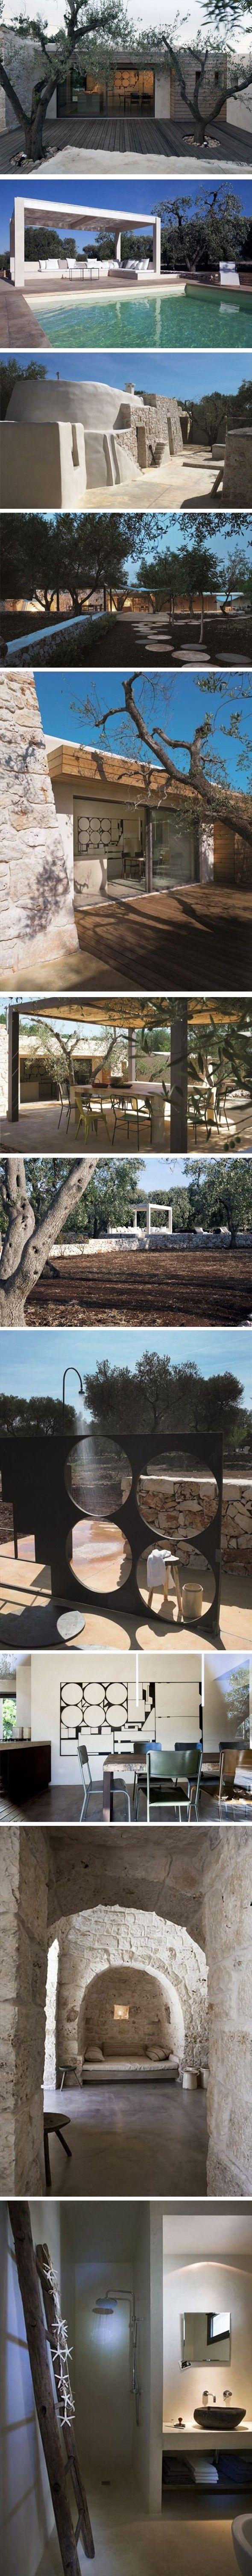 Rénovation et extension en Italie C'est dans une zone rurale près d'Ostuni, que le propriétaire du terrain a remarqué une bâtisse typique de la région à mo